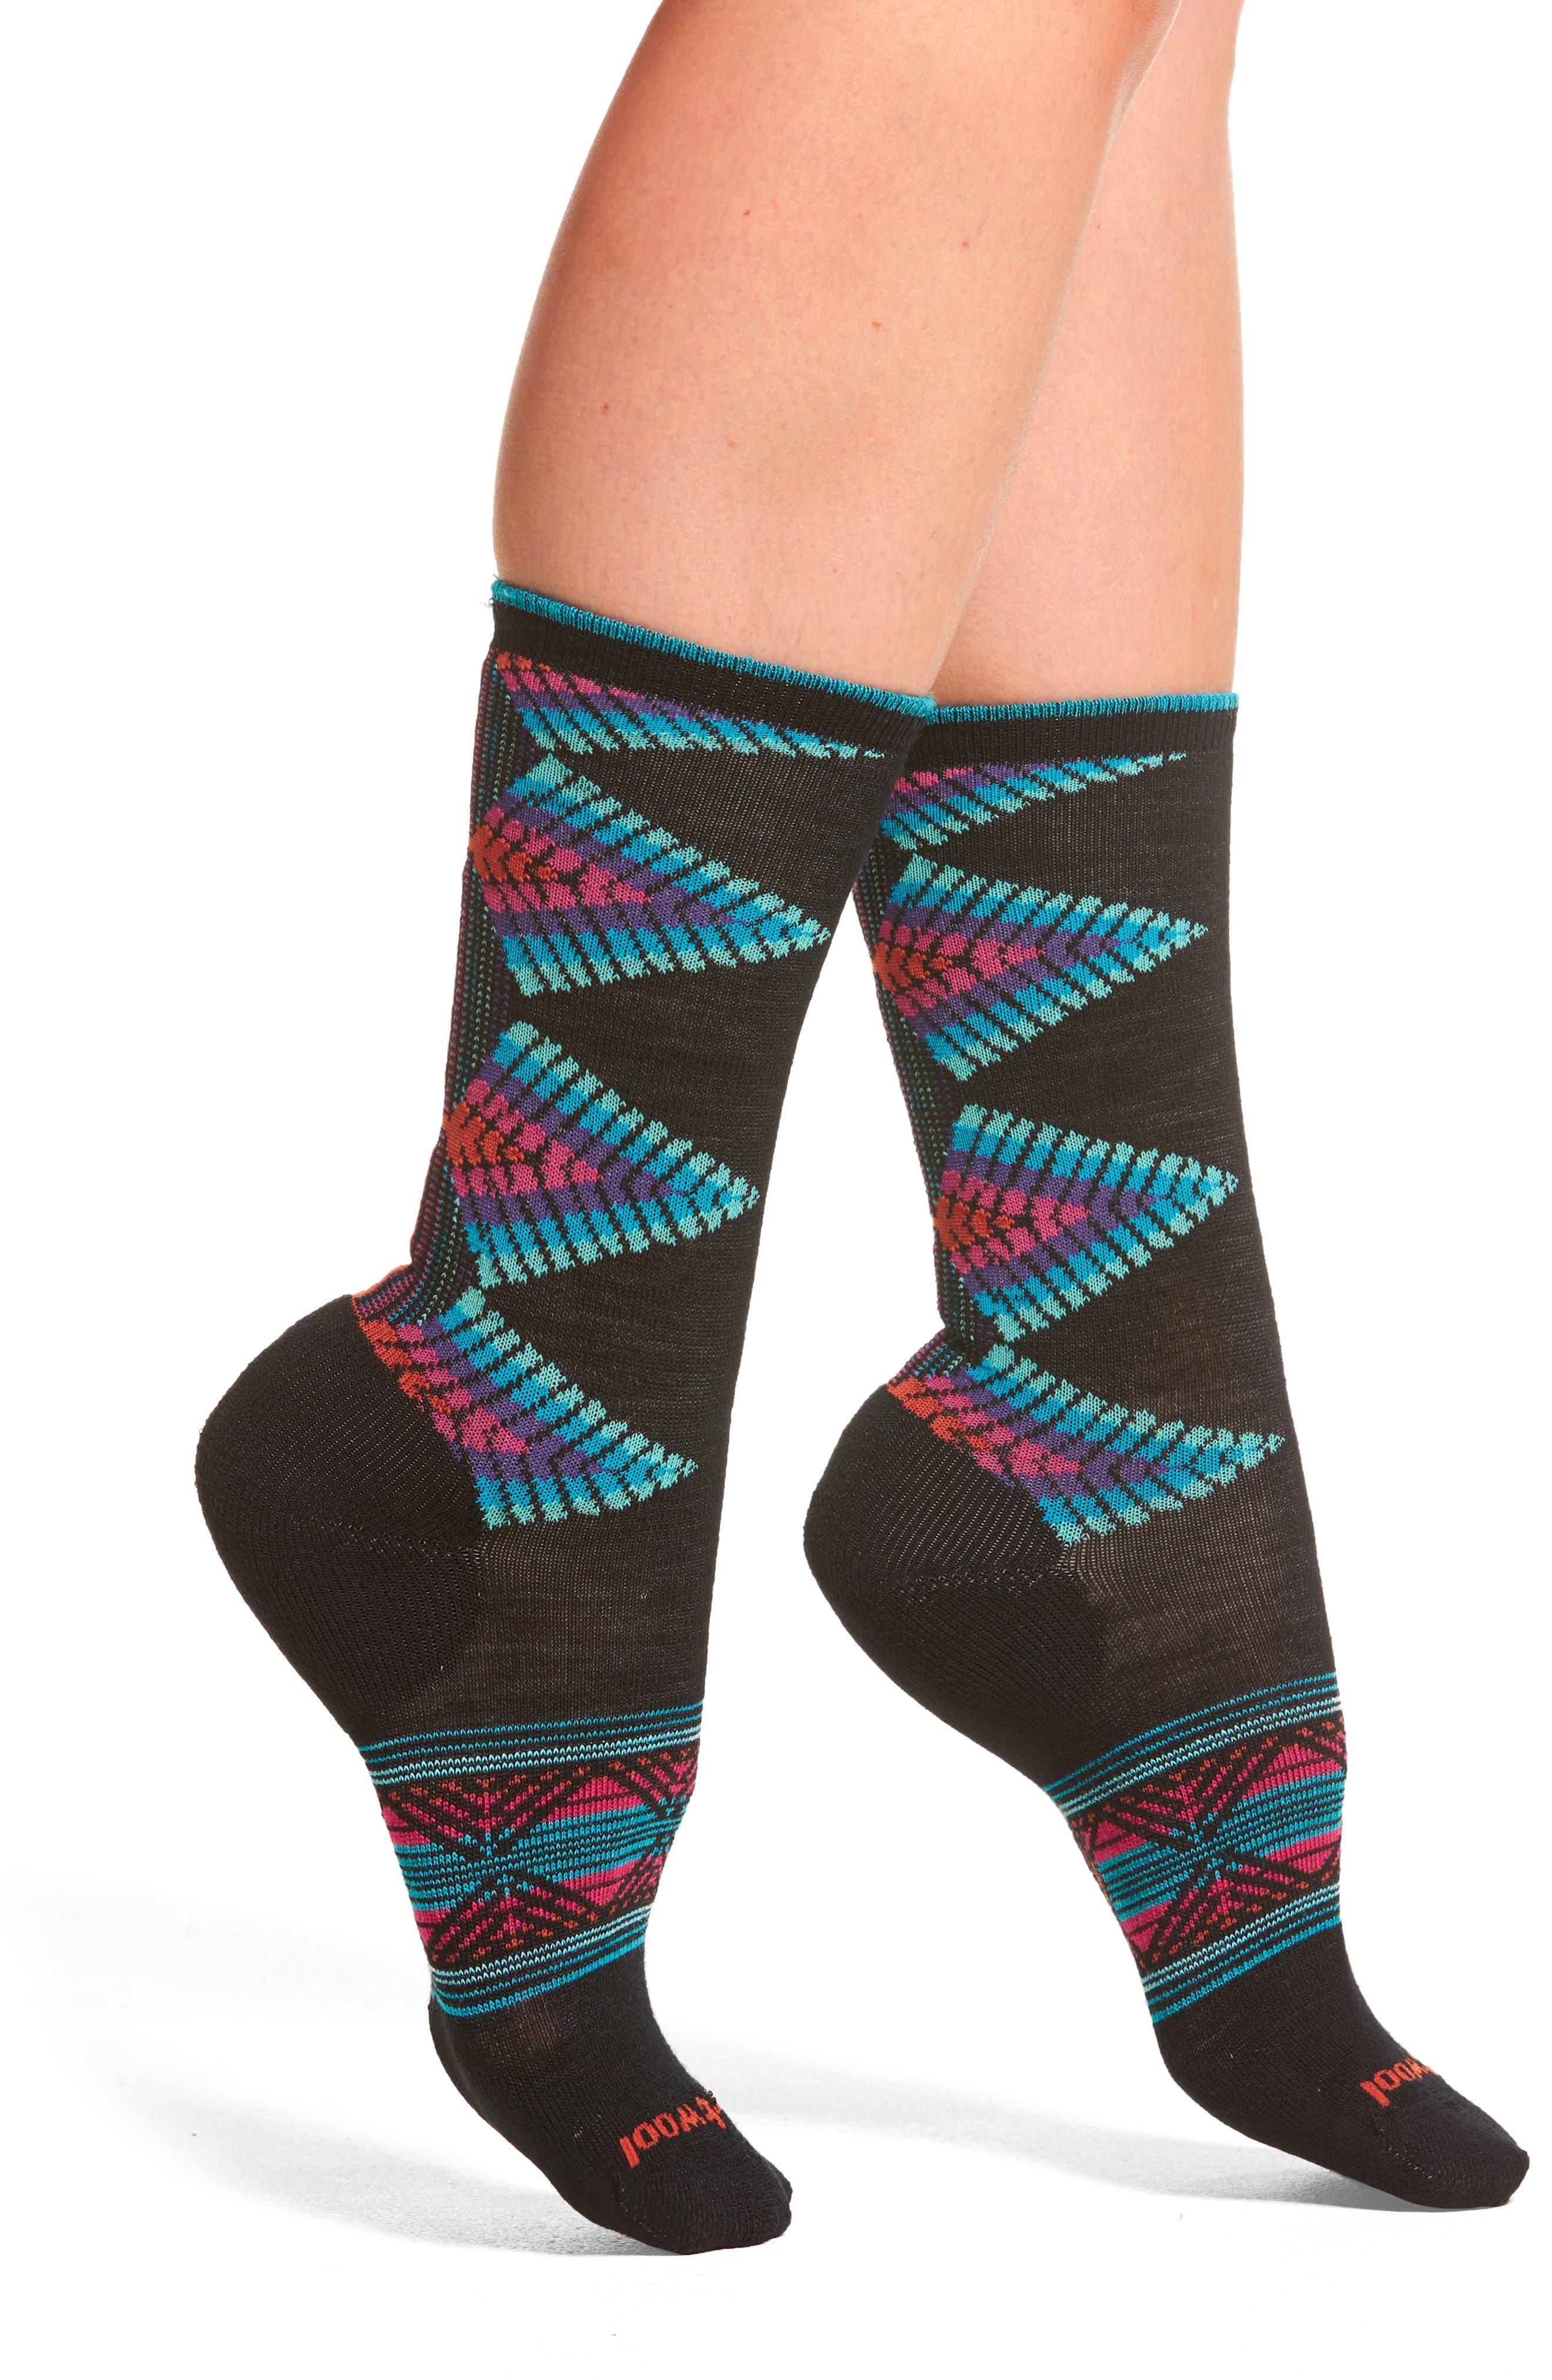 Tiva Crew Socks,                             Main thumbnail 1, color,                             Black